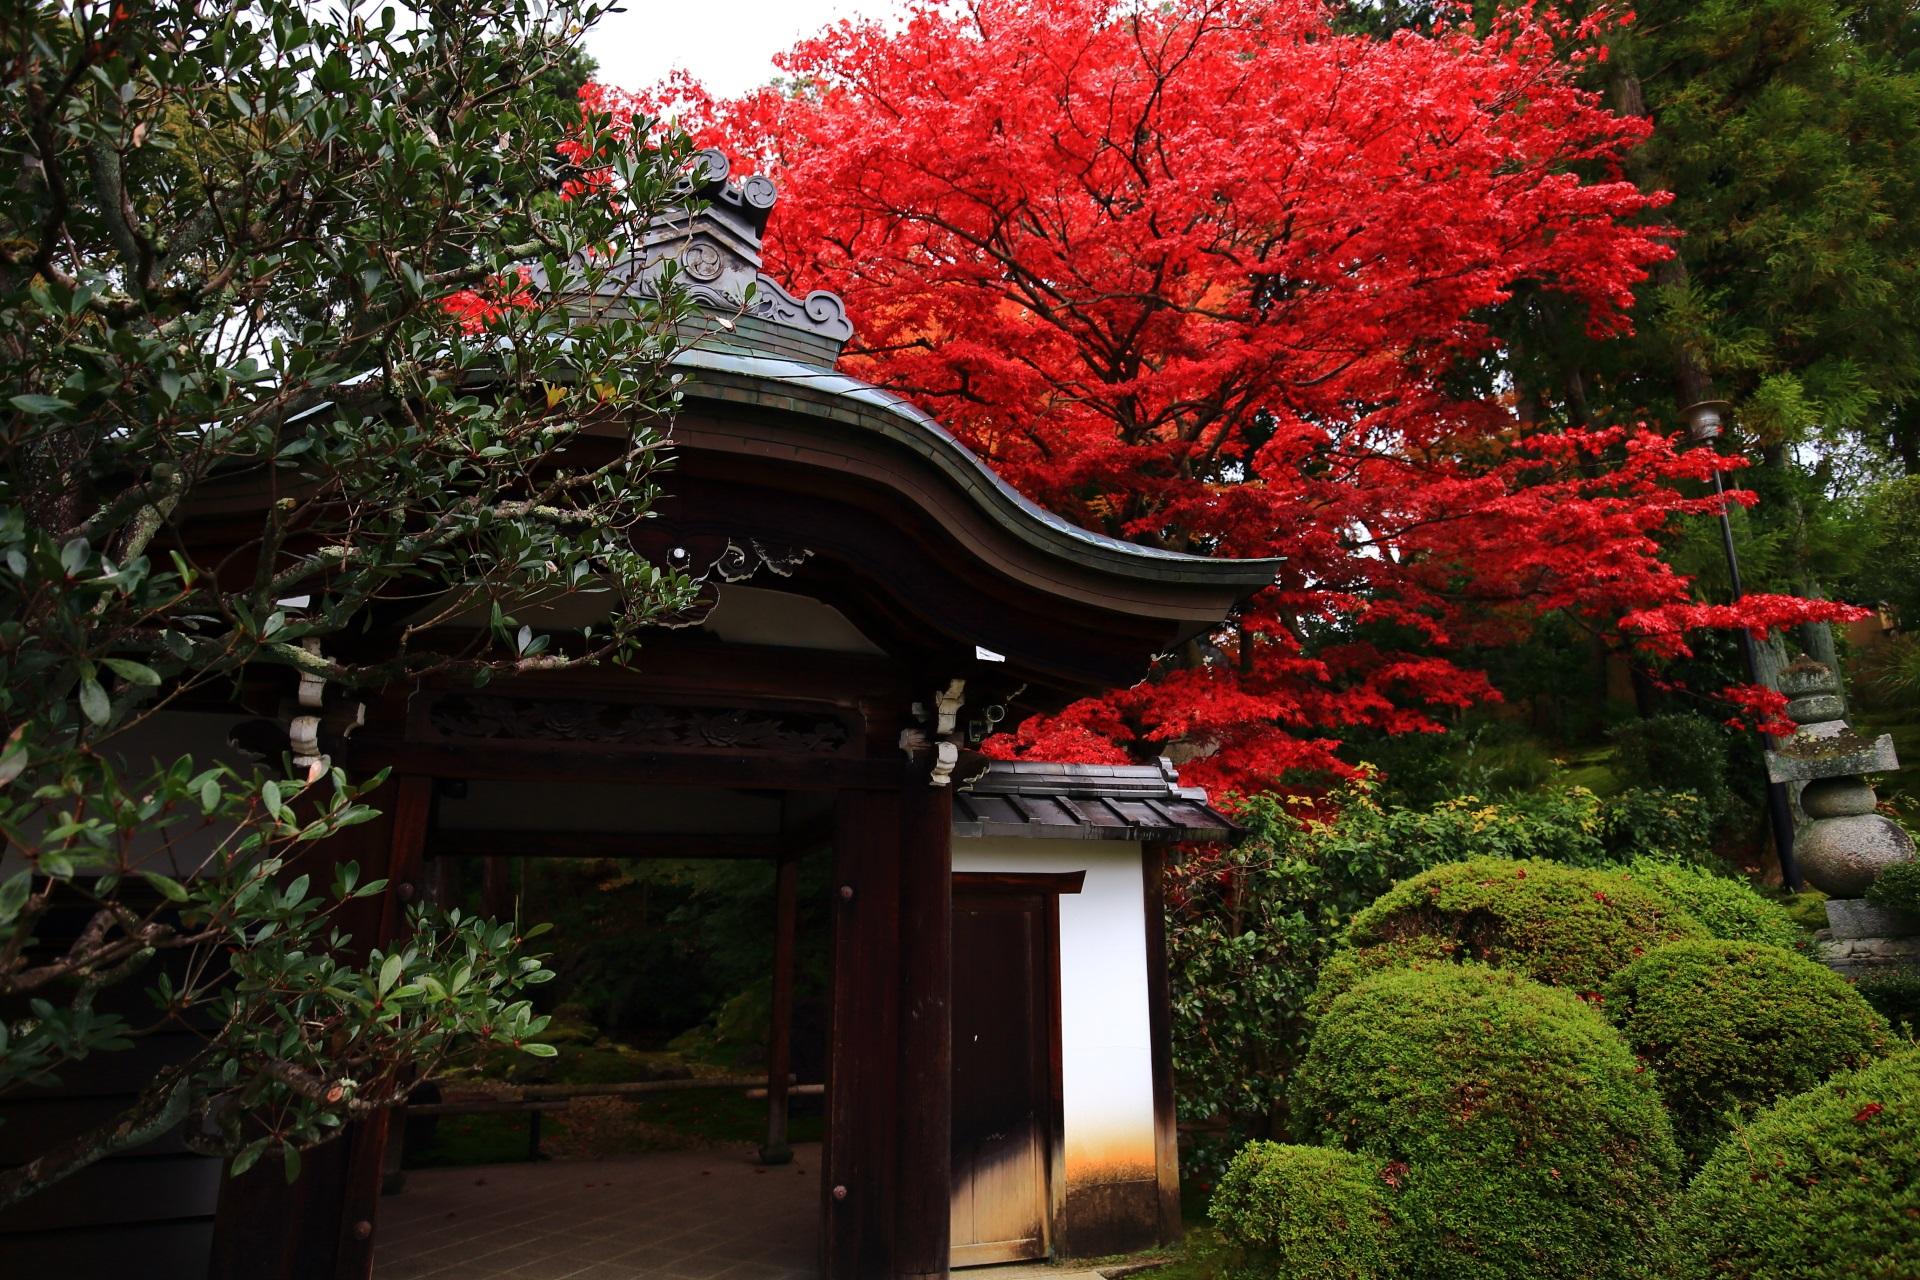 庭園へ誘う燃え上がるような真っ赤な紅葉